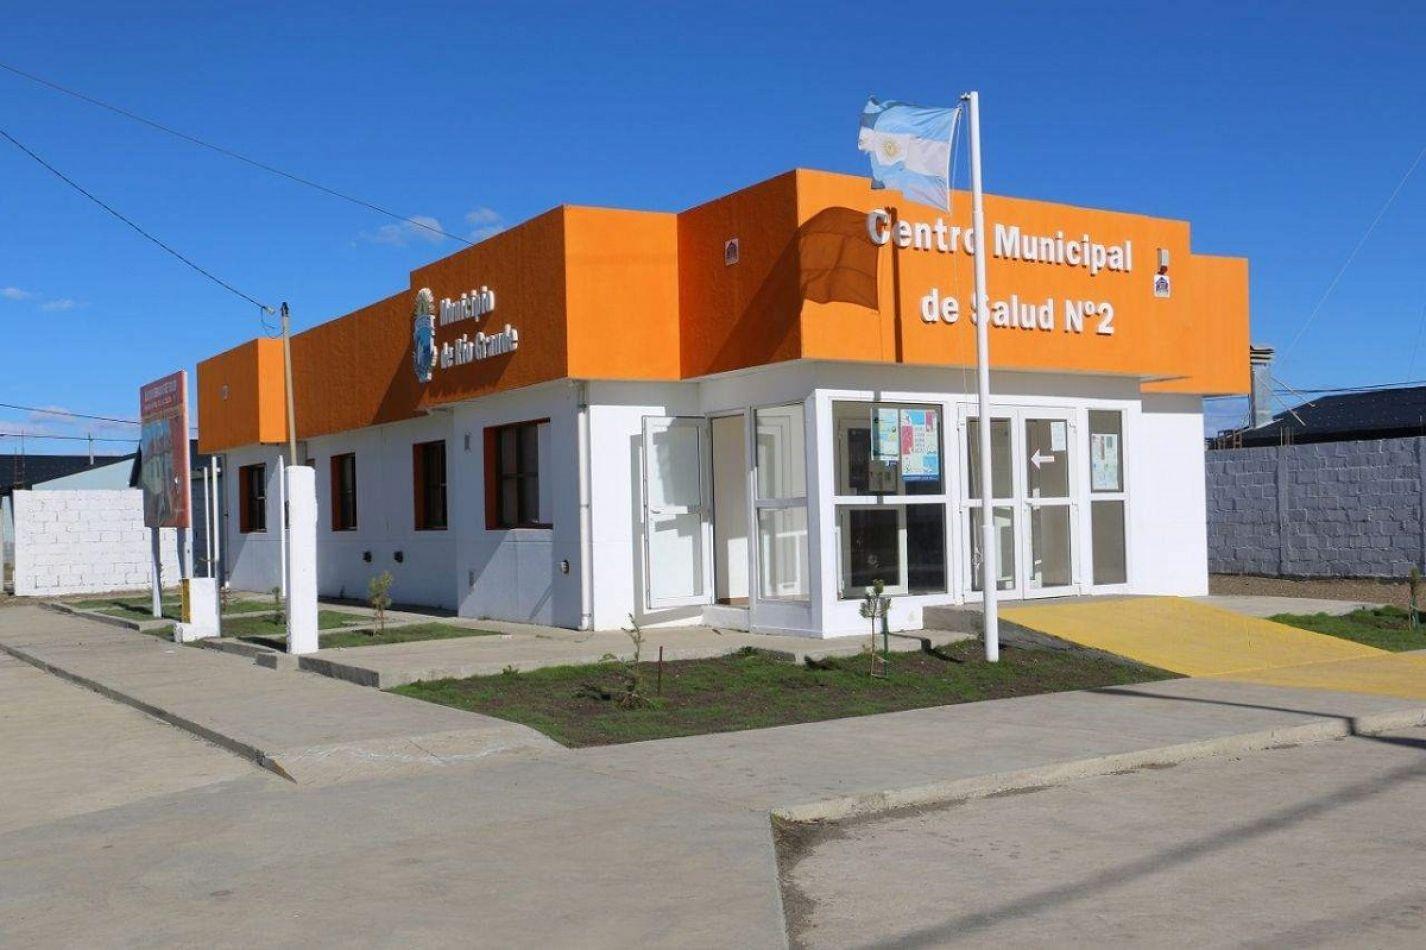 Centro de Salud Municipal N°2.